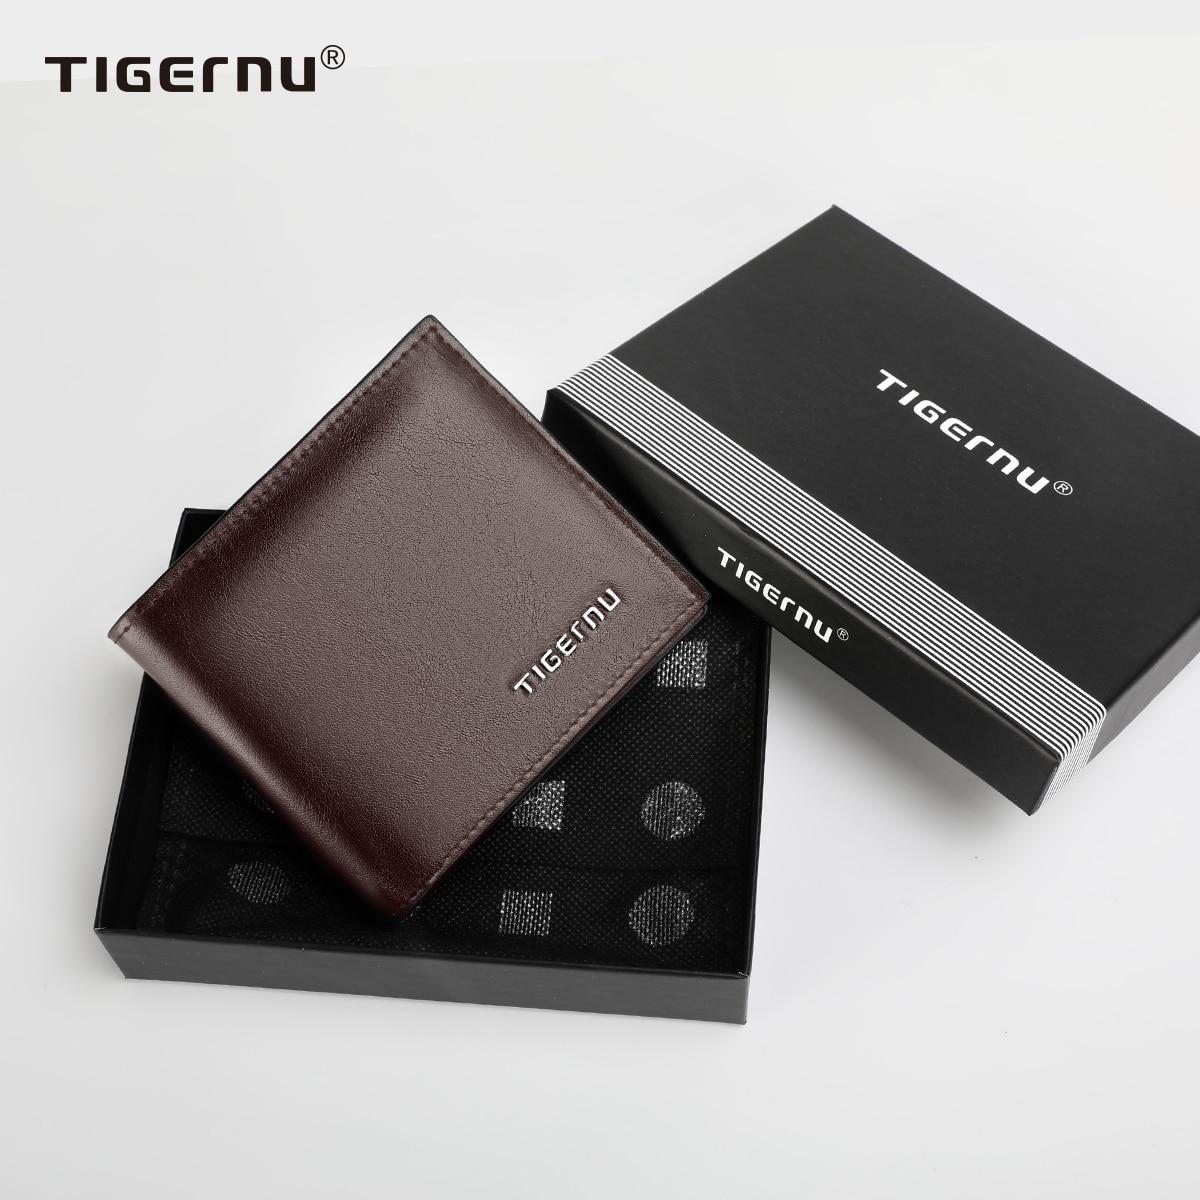 Tigernu-billeteras cortas de cuero PU para hombre, carteras masculinas de Negocios RFID, monedero marrón y negro, tarjetero de alta calidad, nuevas